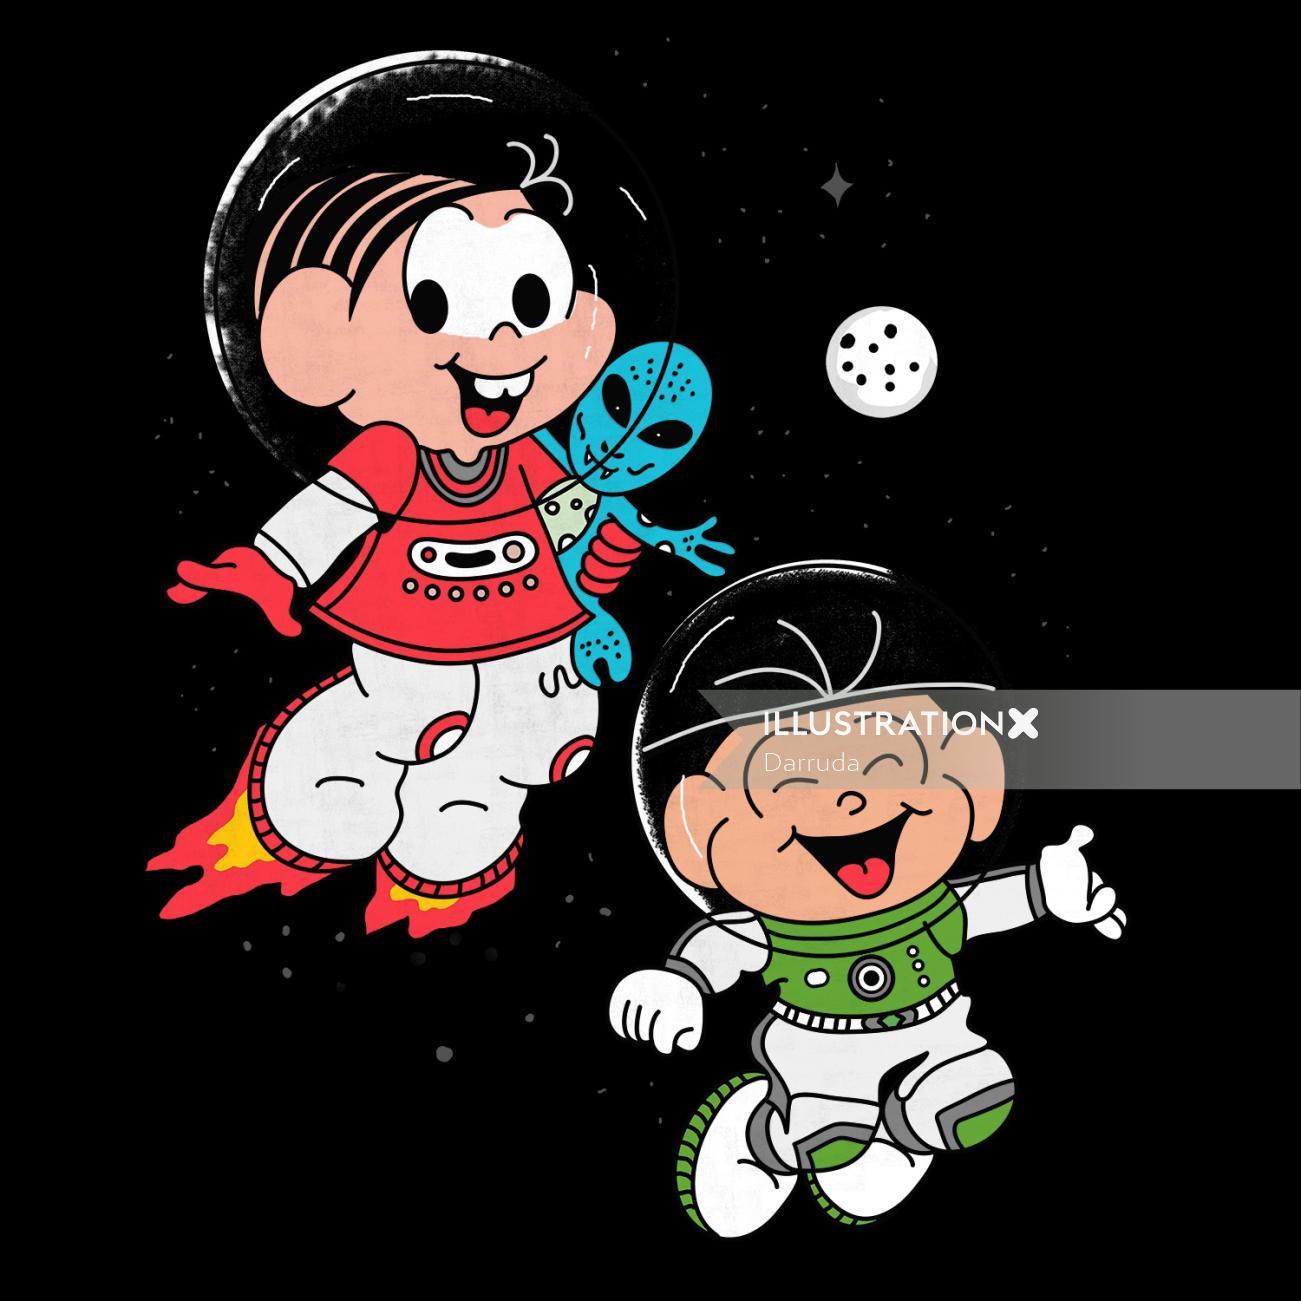 Comic design of Turma da Monica in Space